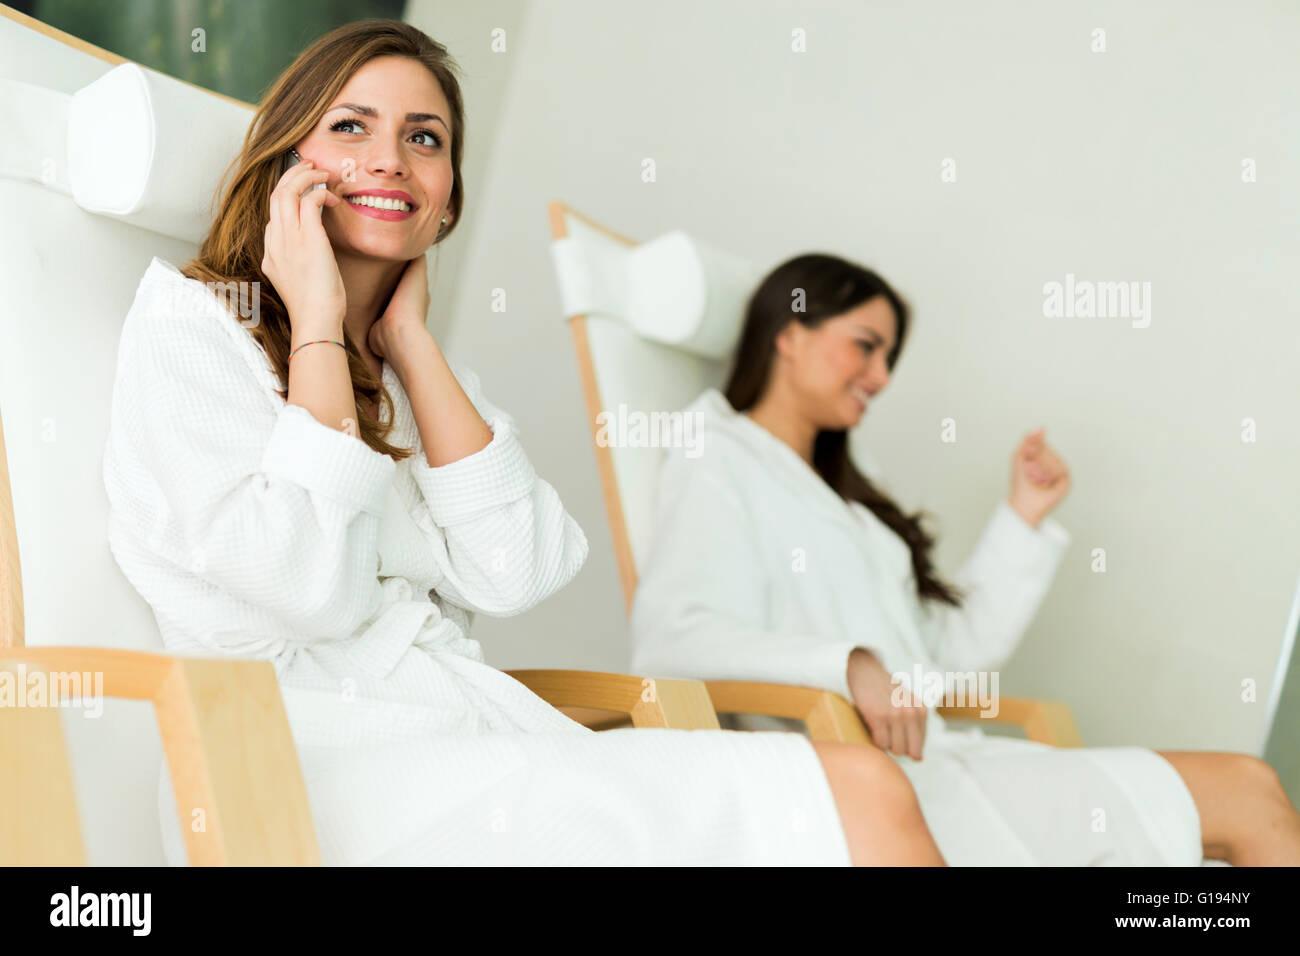 Les jeunes et les belles femmes se détendre dans un bain à porter des robes et parler au téléphone Photo Stock